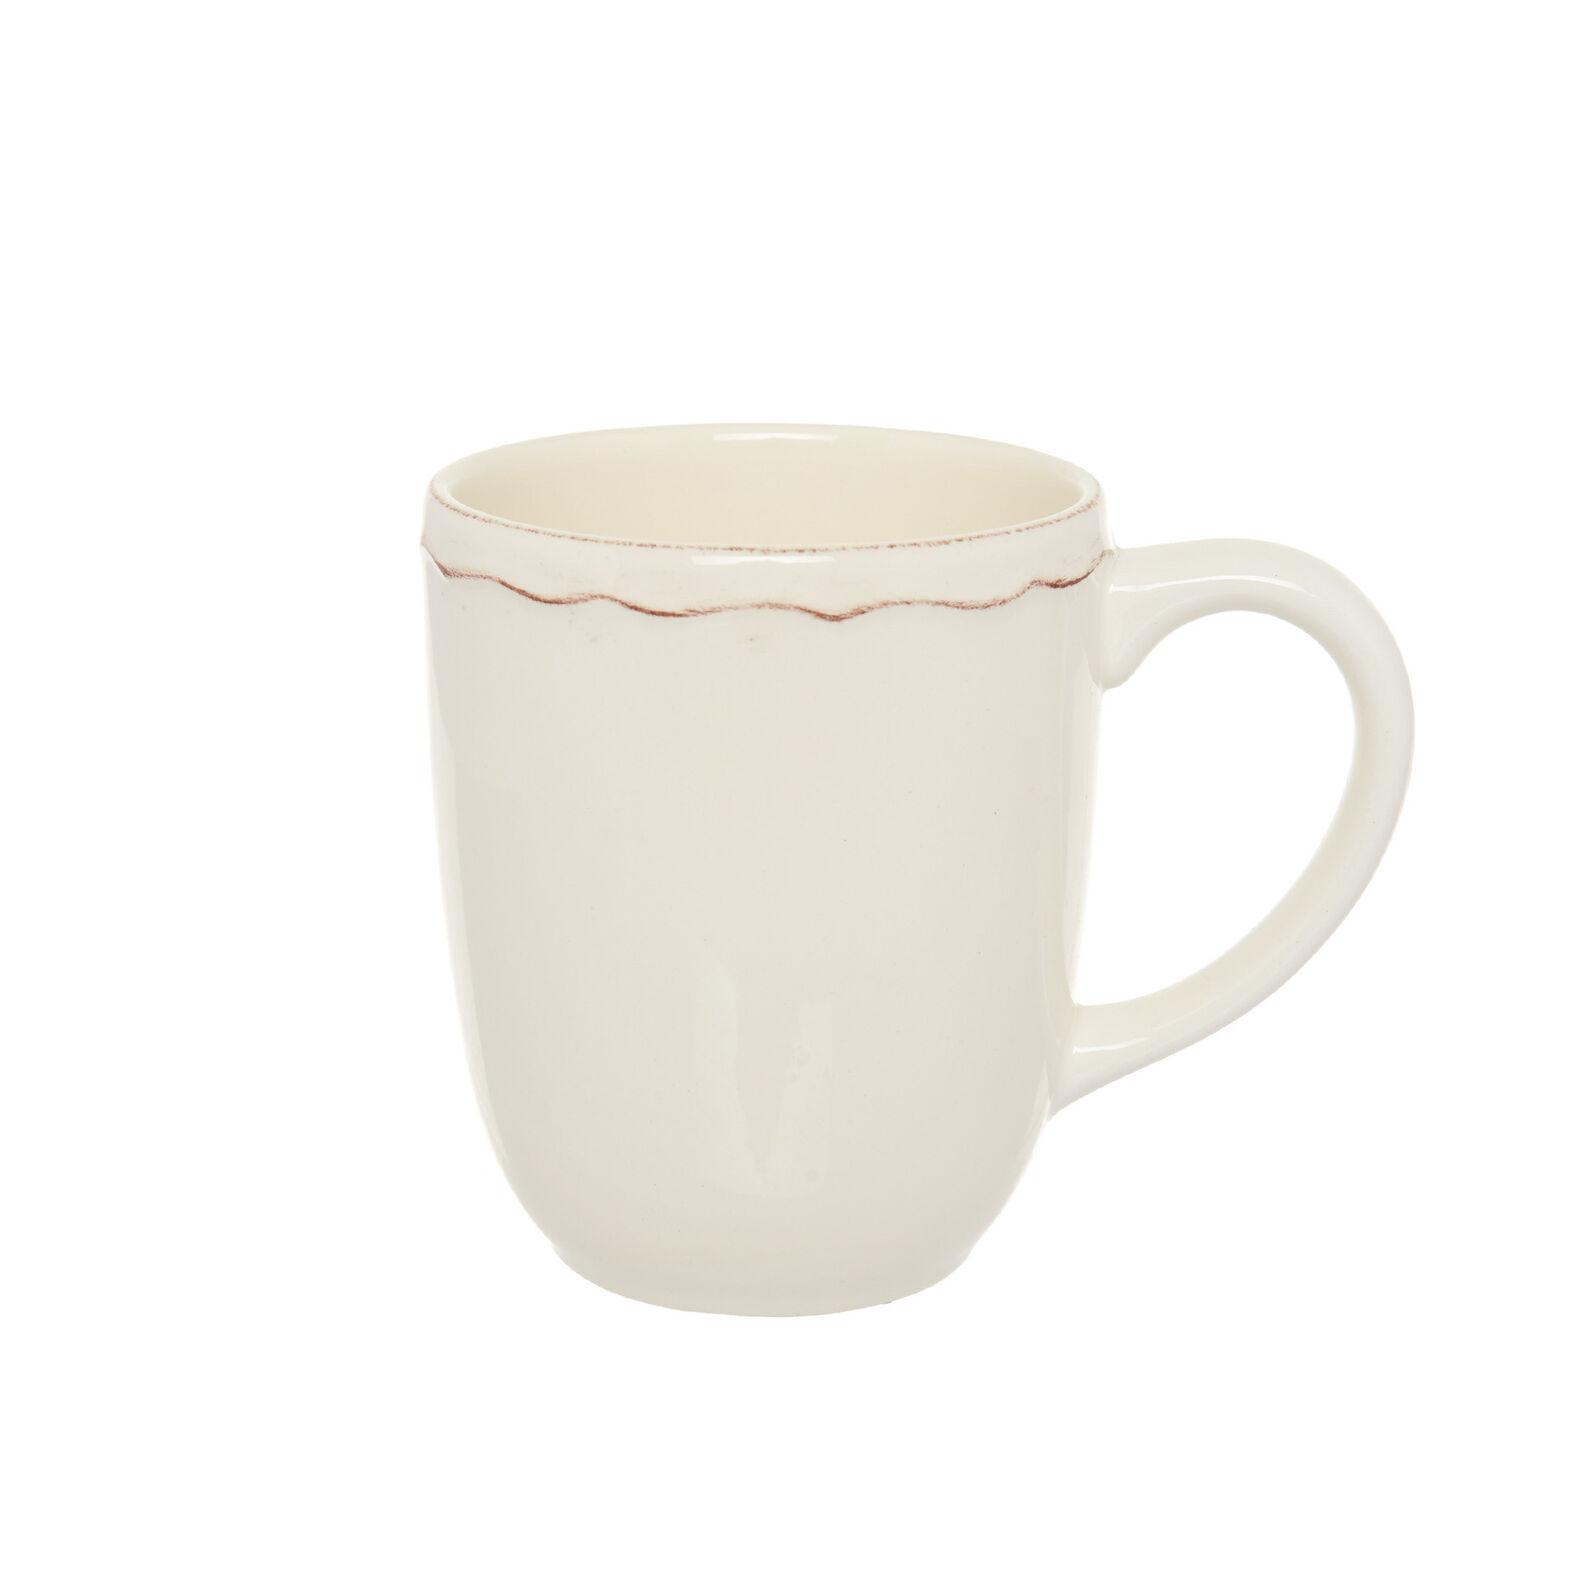 Dona Maria ceramic mug